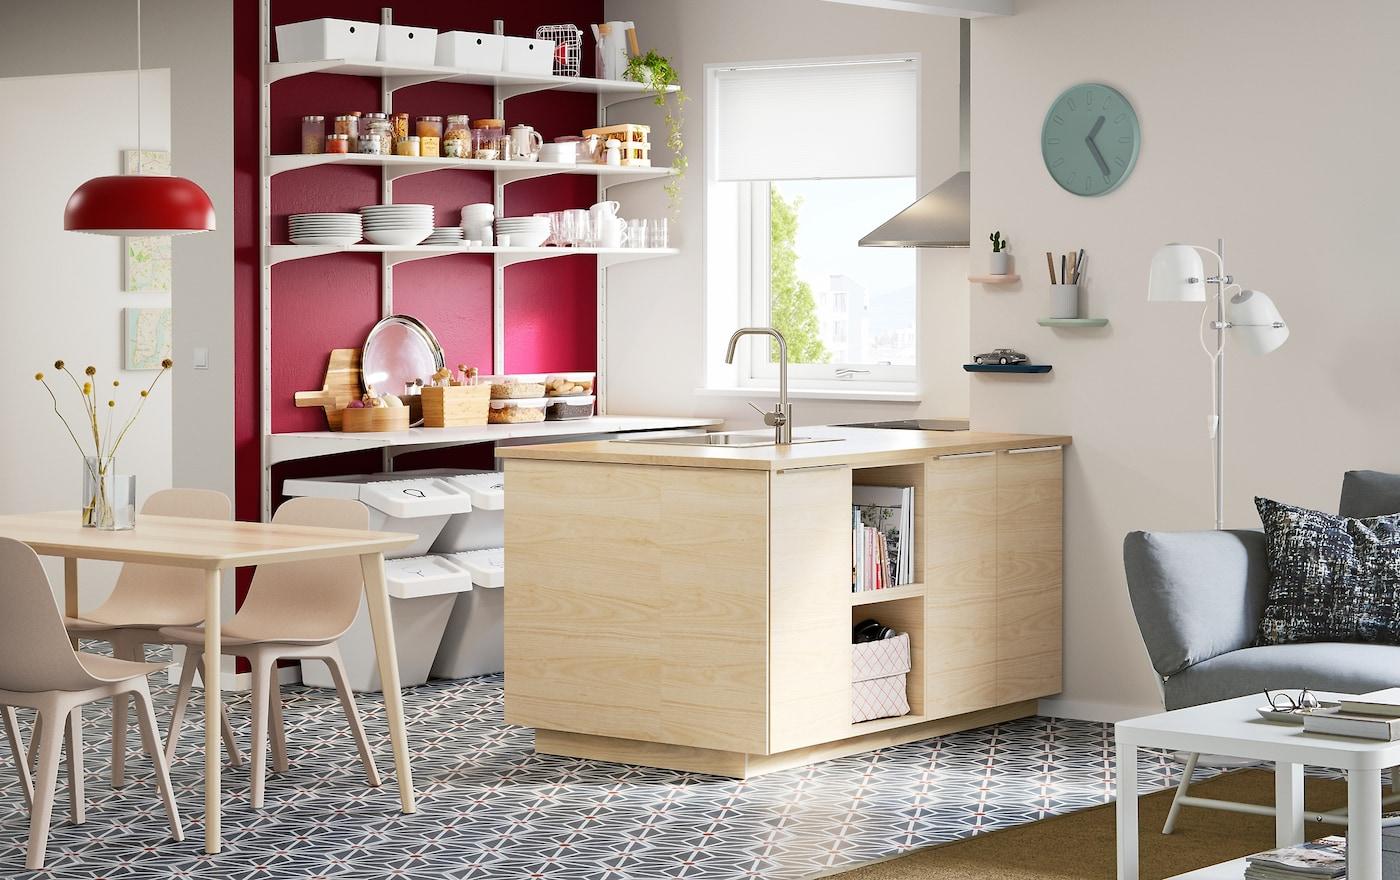 Keuken Kleine Ruimte : Goedkope landelijke keukens classic badkamer keuken ontwerp kleine